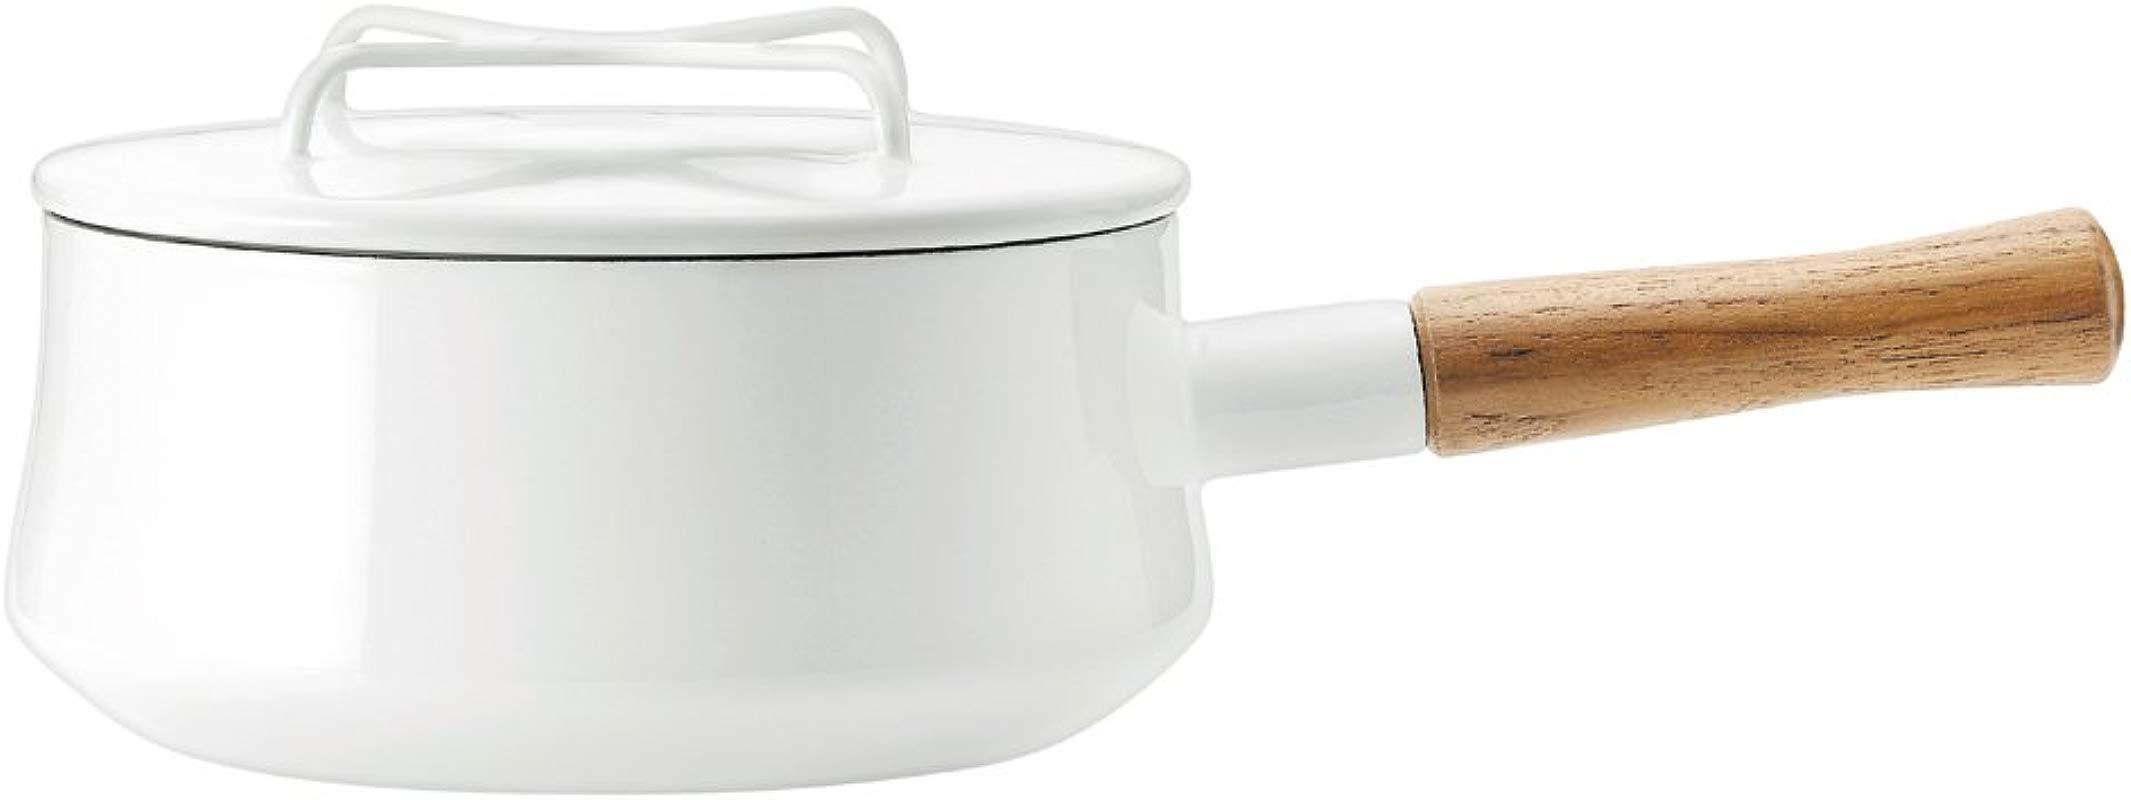 Dansk 833300 Kobenstyle White 2 QT Saucepan